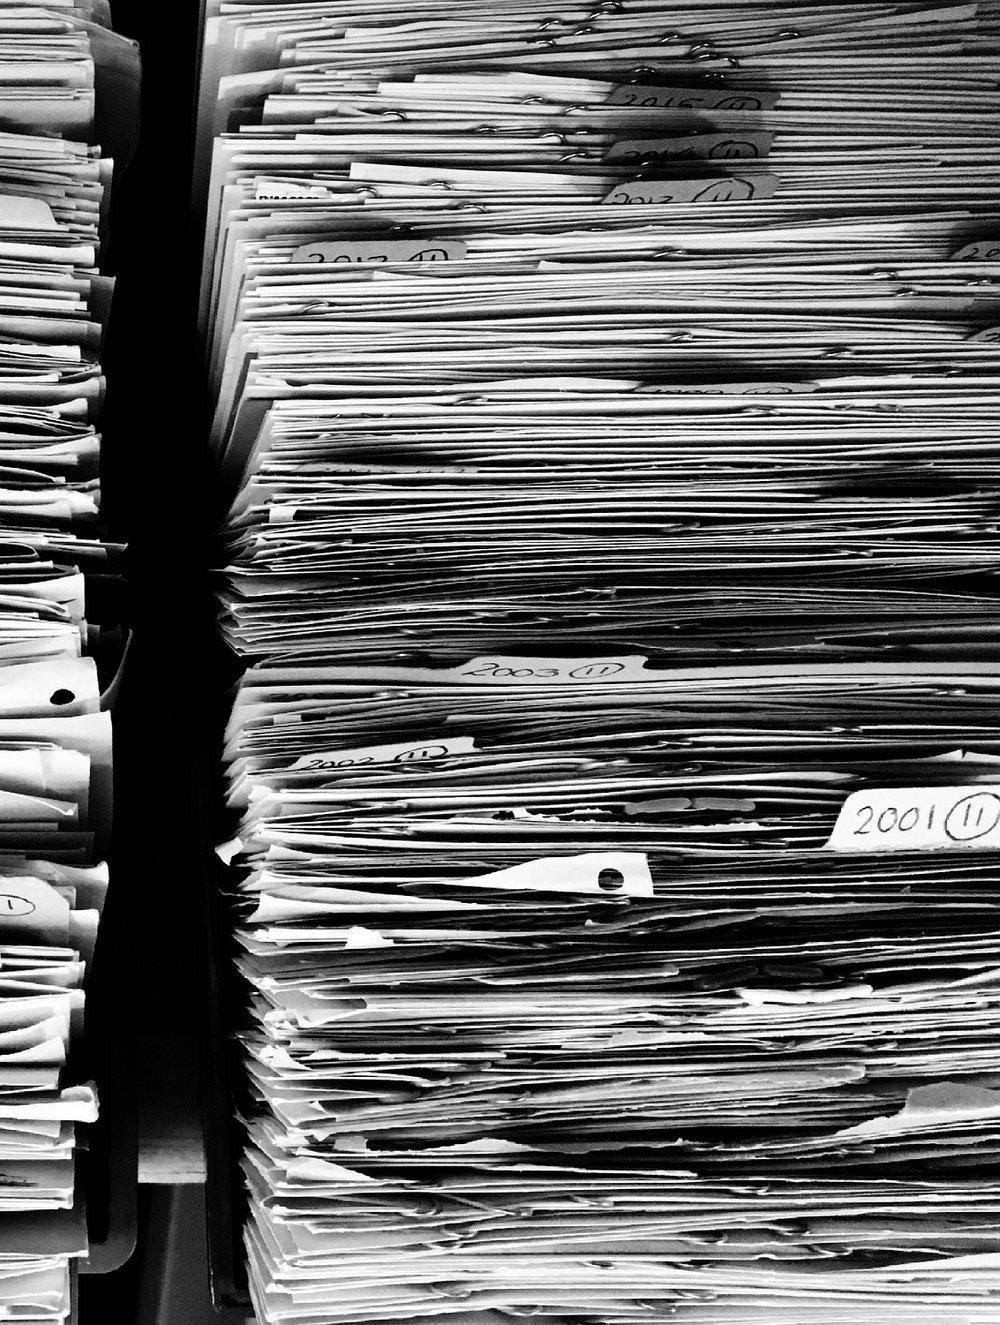 LA GESTION DE MES DOCUMENTS AU TRAVAIL  - 3 systèmes simples et pratiques à mettre en place pour un bureau à l'ordre et sans piles.